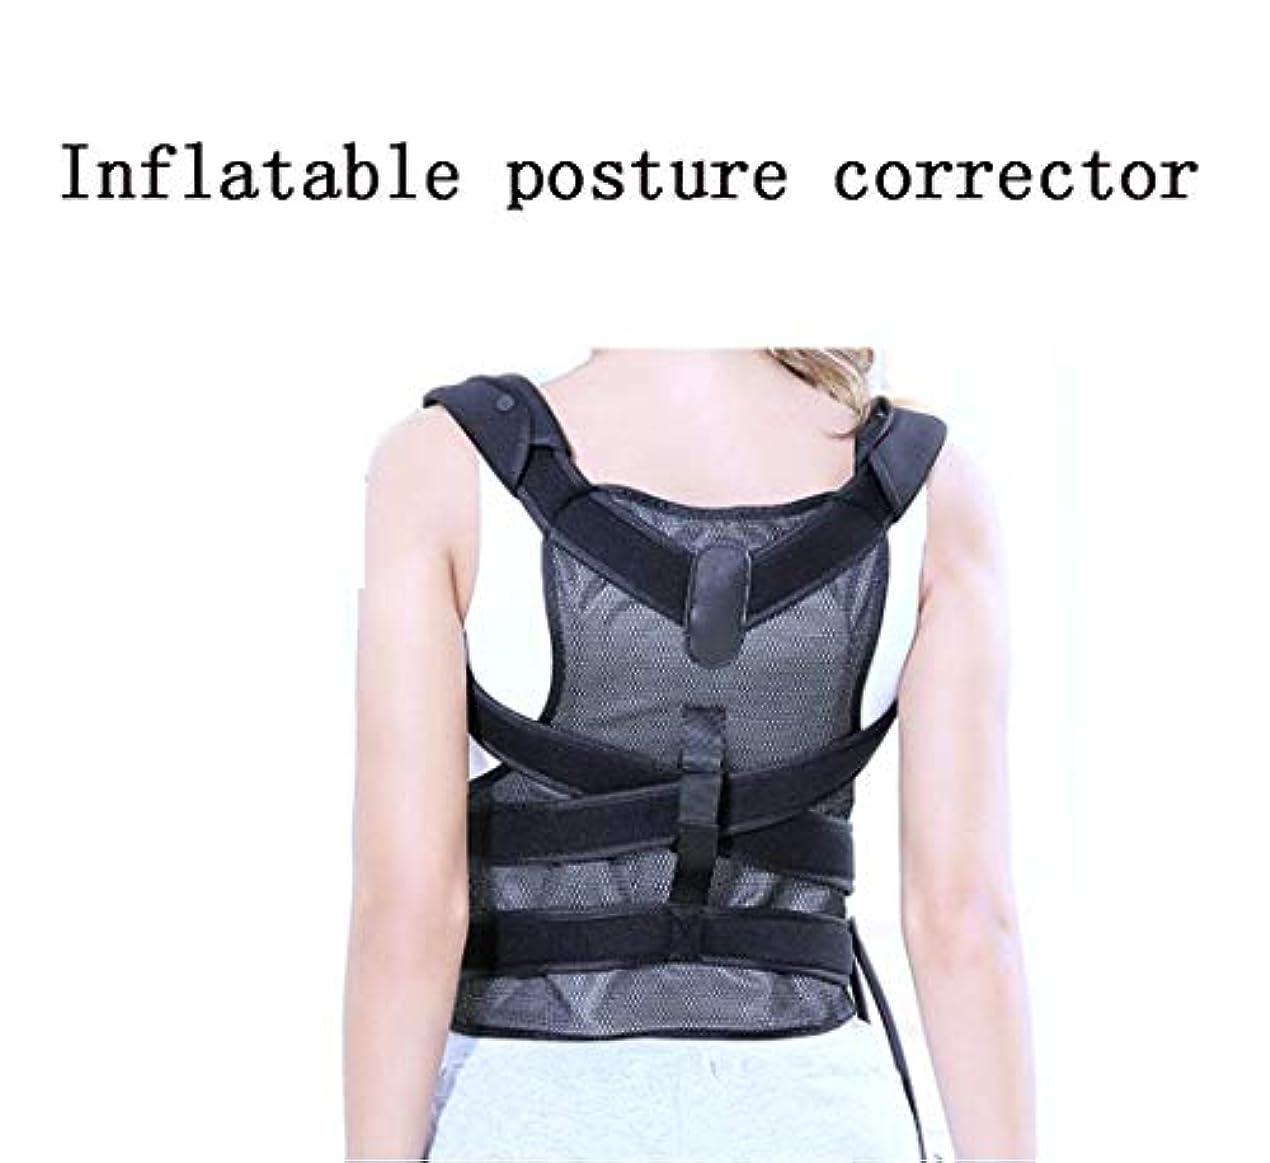 姿勢補正機能調整可能なバックブレースインフレータブルデザインプロフェッショナル補正バックリリーフ肩の痛み通気性